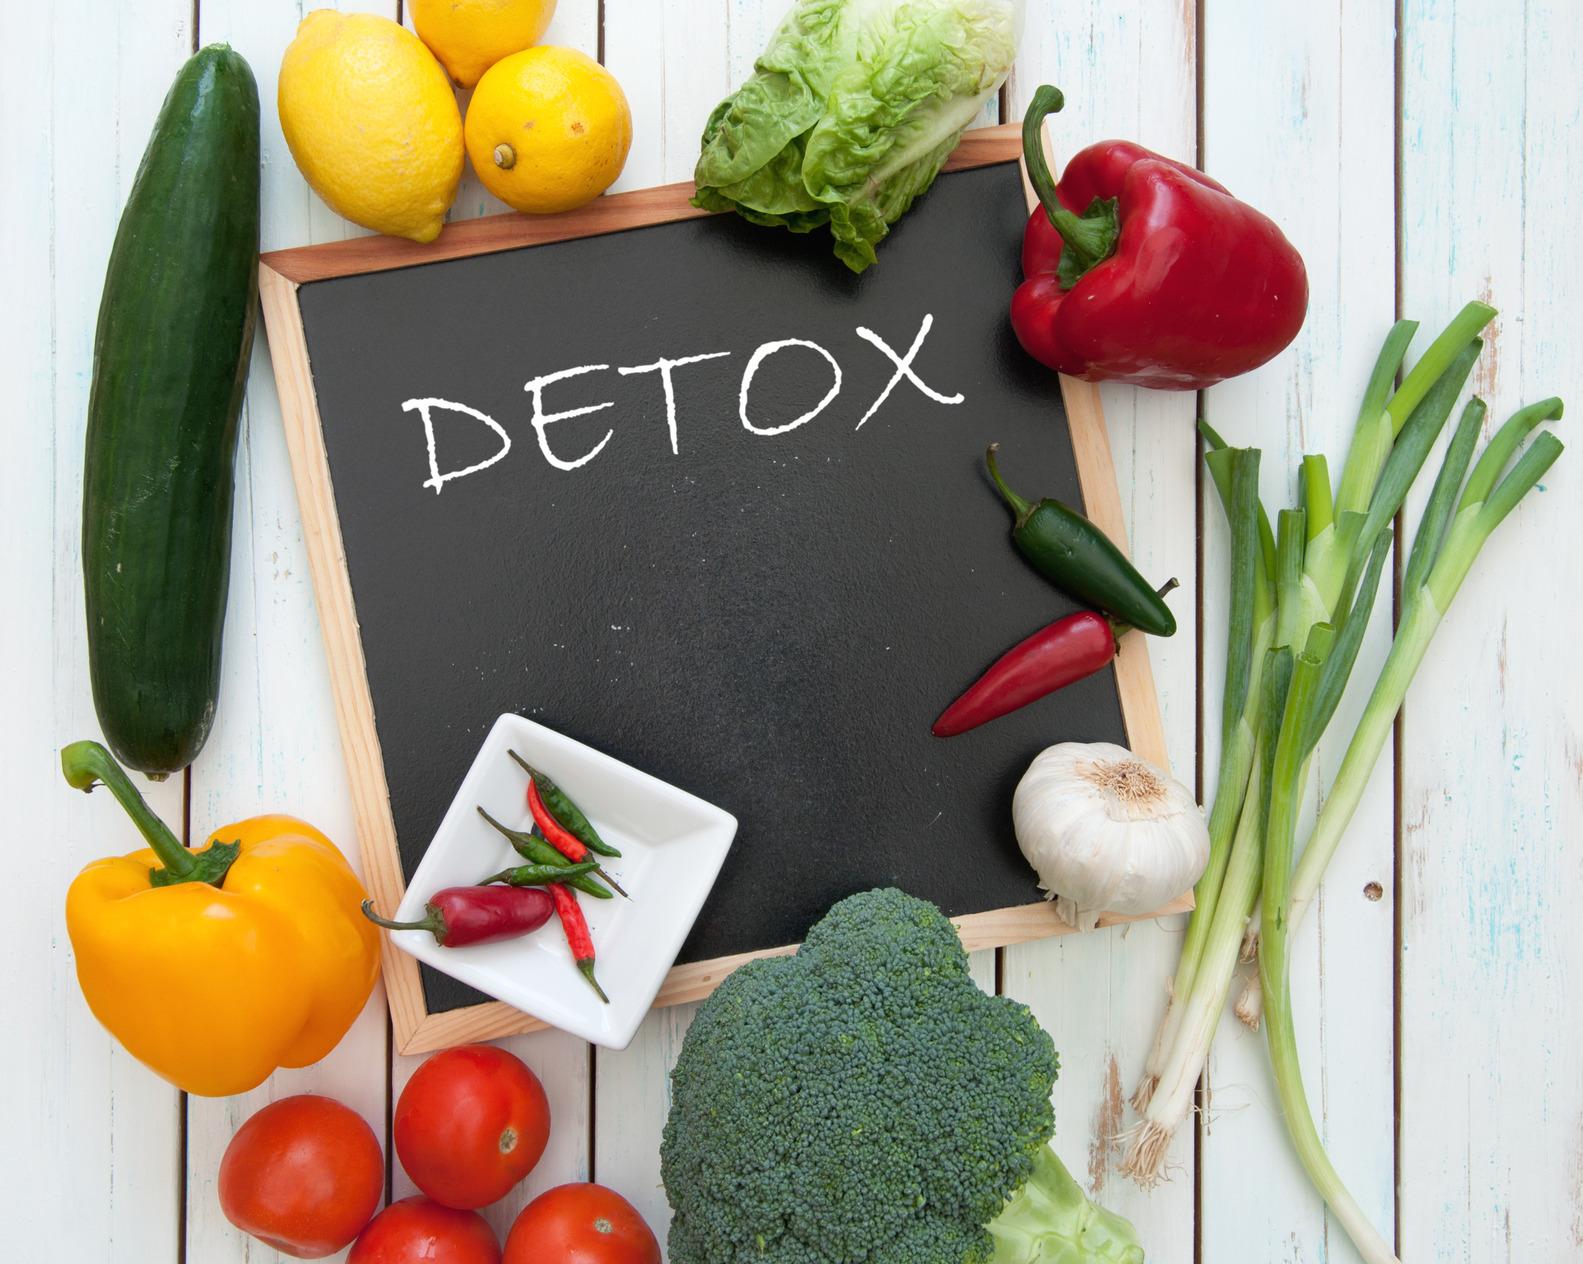 детокс-диета